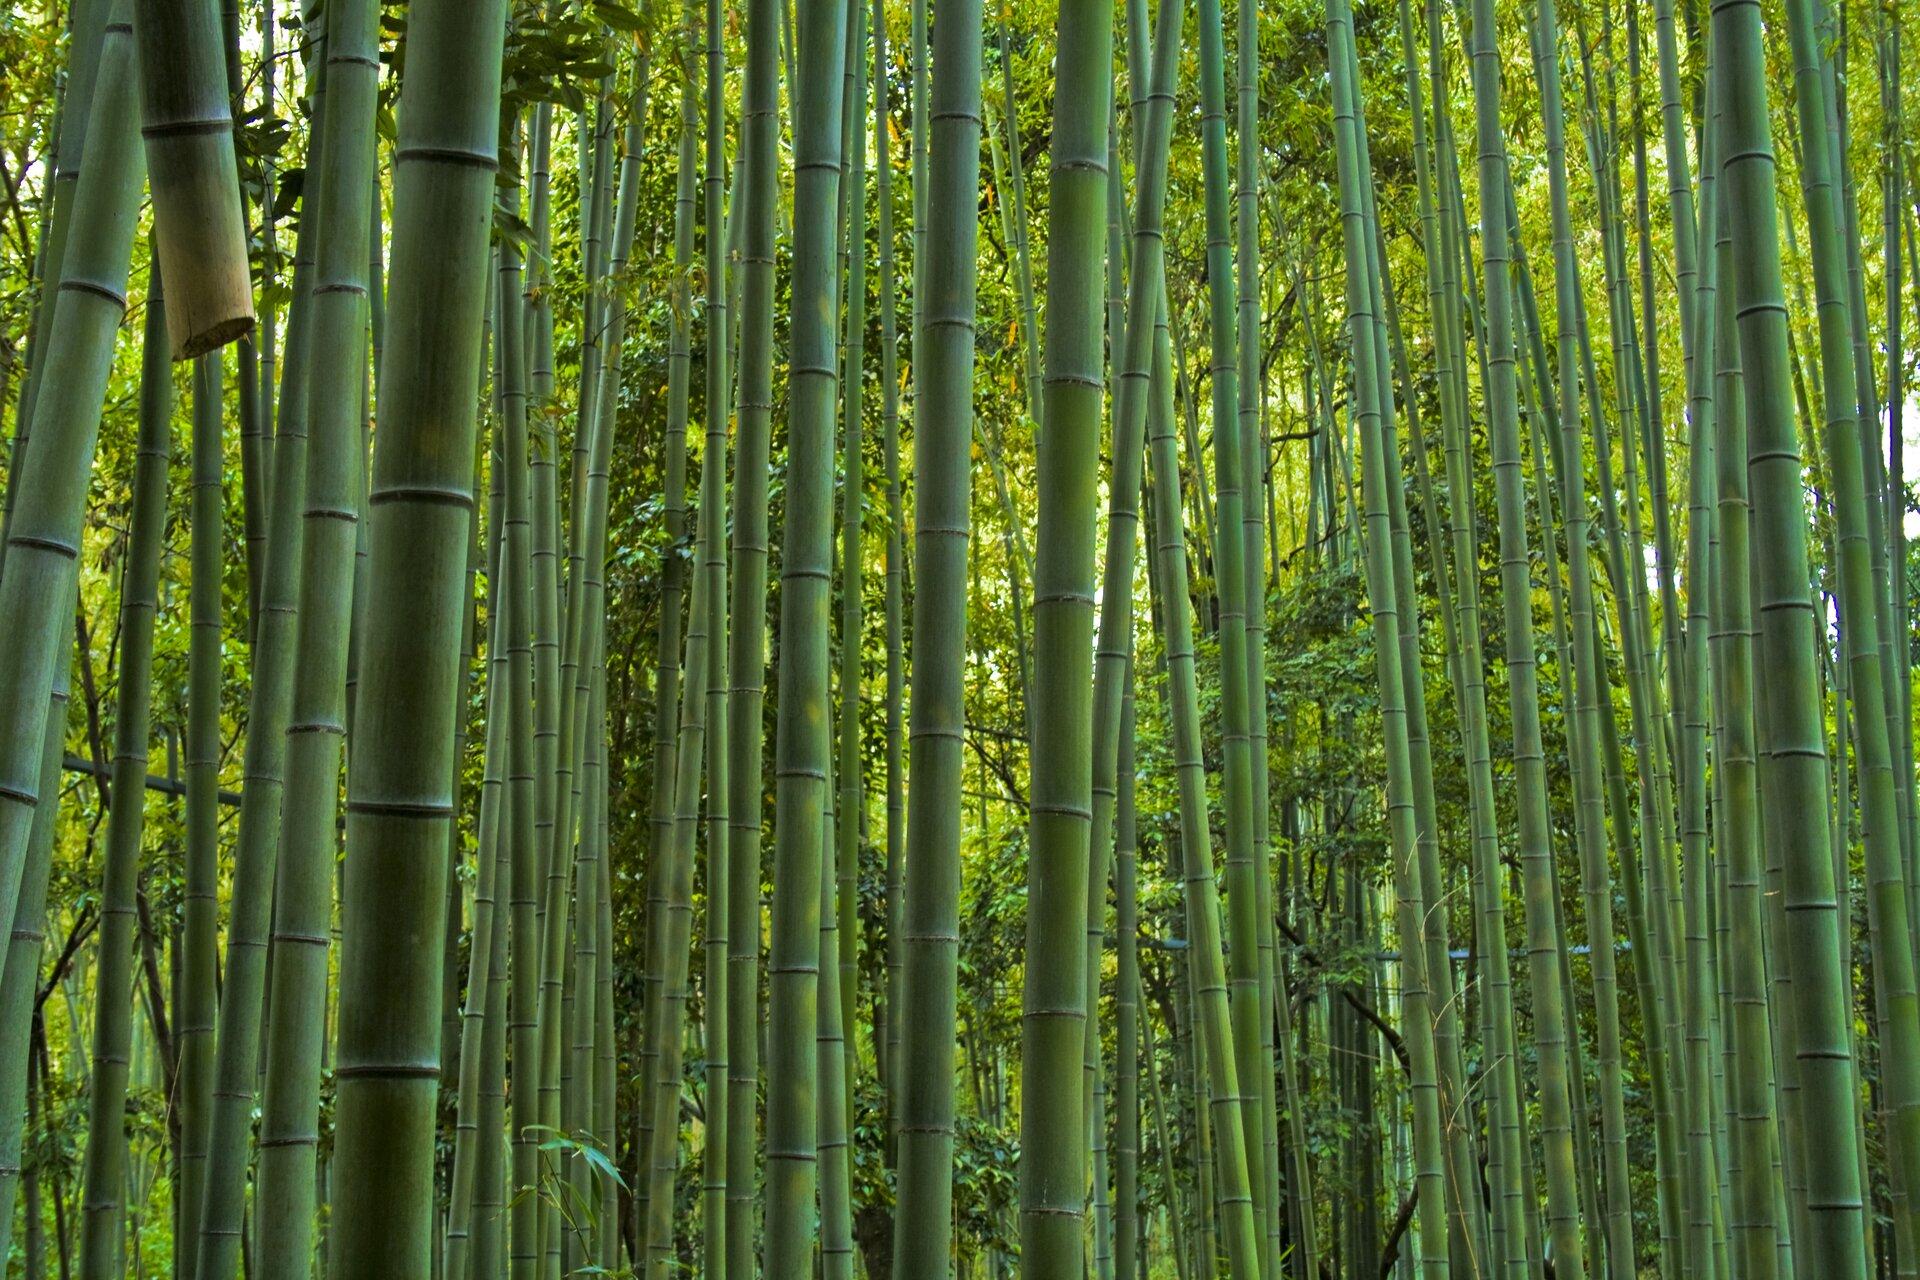 Fotografia przedstawia wnętrze zarośli bambusowych. Wiele zielonych, cienkich łodyg rośnie gęsto obok siebie. Wtle zielono – żółte bambusy zliśćmi.